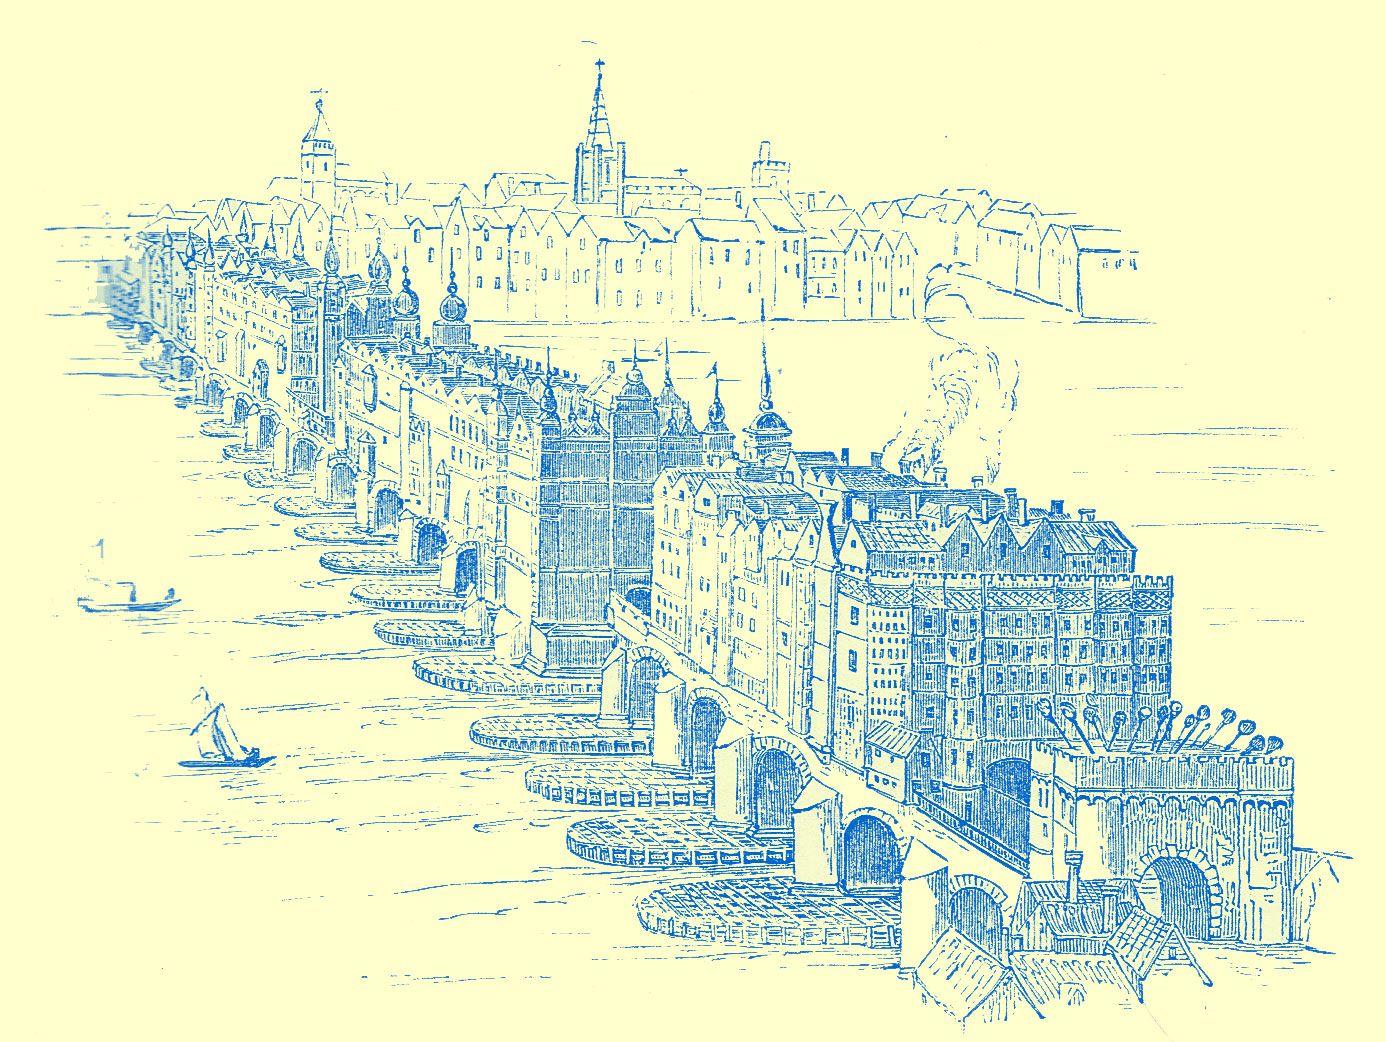 Old london bridge london bridge pinterest london bridge old london bridge malvernweather Image collections